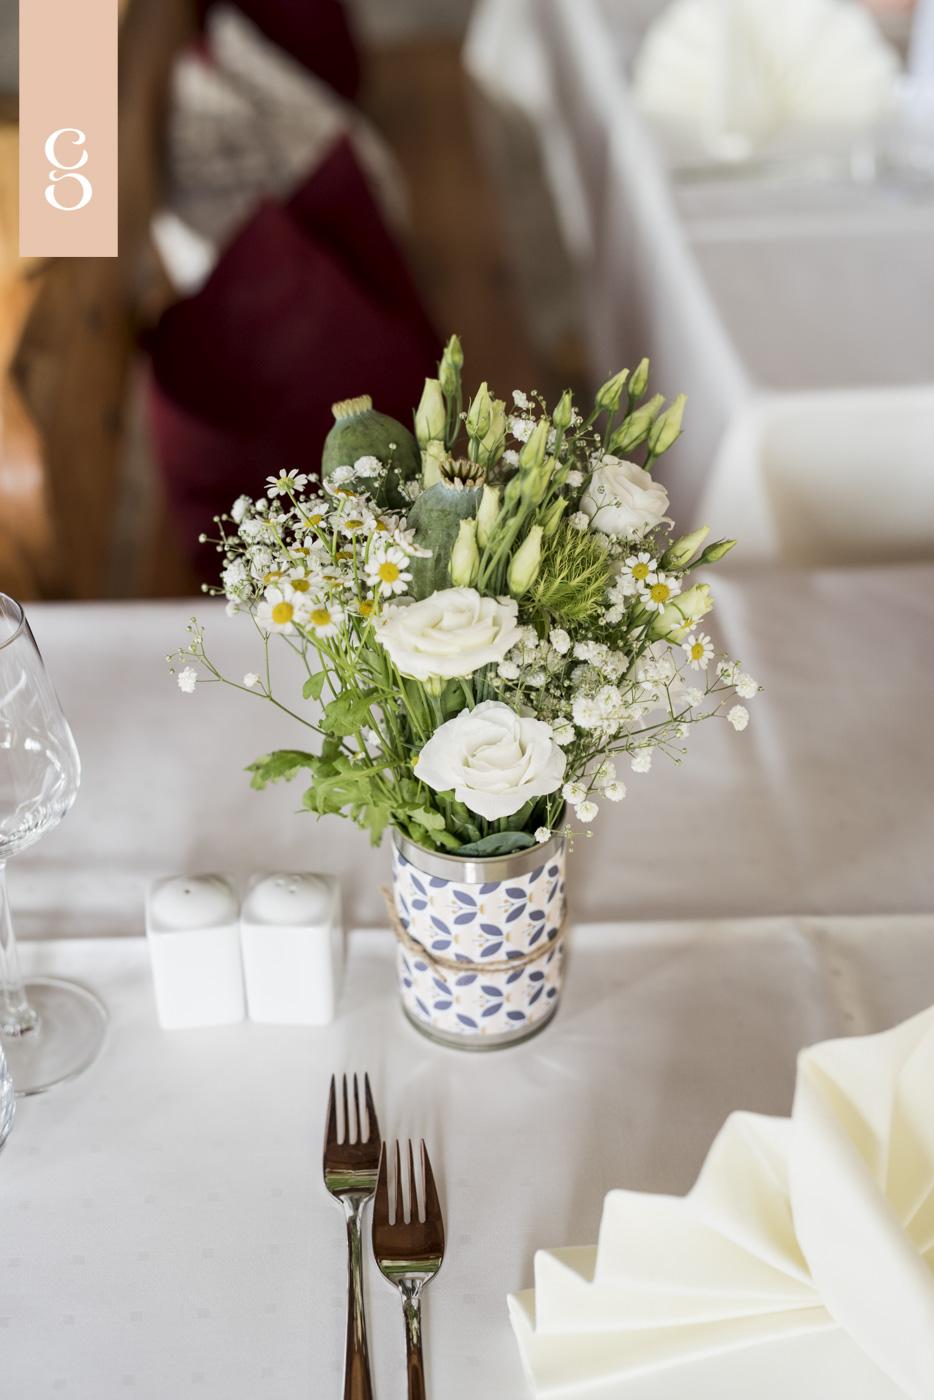 Fotograf_Goettges_Hochzeit_Wedding_Kastensteinerwand_Bischofswiesen_Berchtesgaden_Hochzeitsfotograf-2